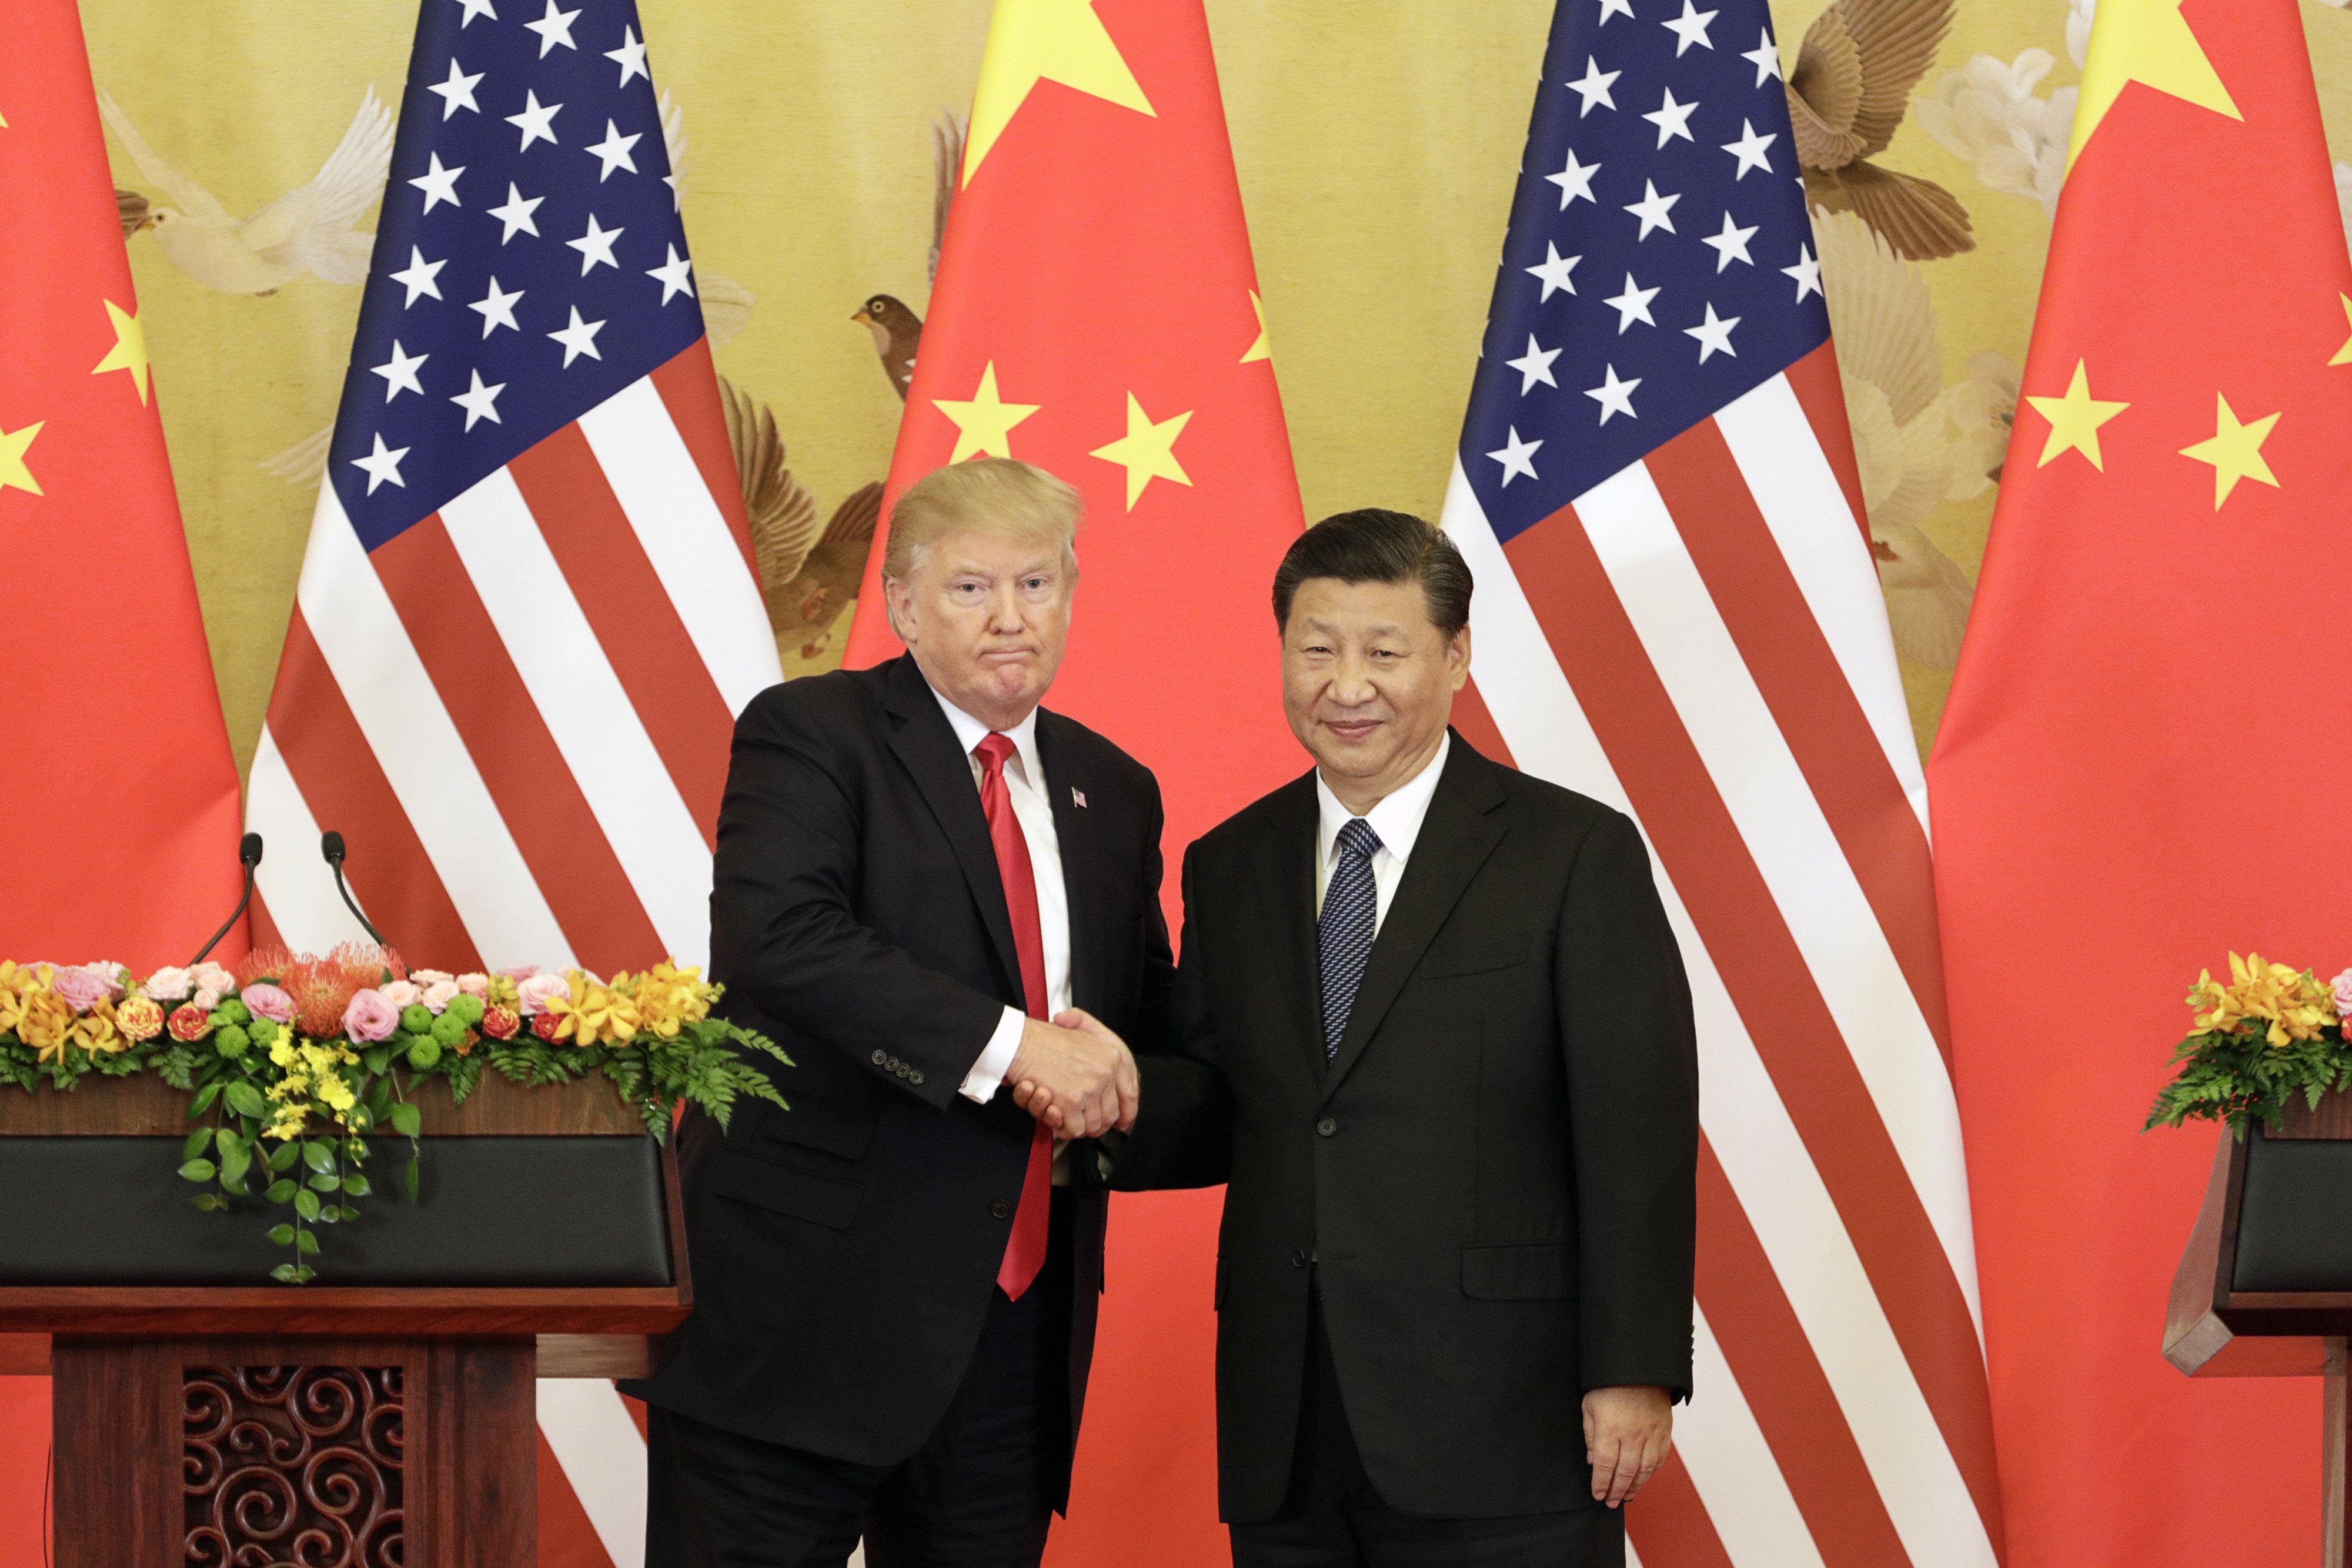 미국과 중국의 '무역전쟁' 수습을 위한 미중정상회담이